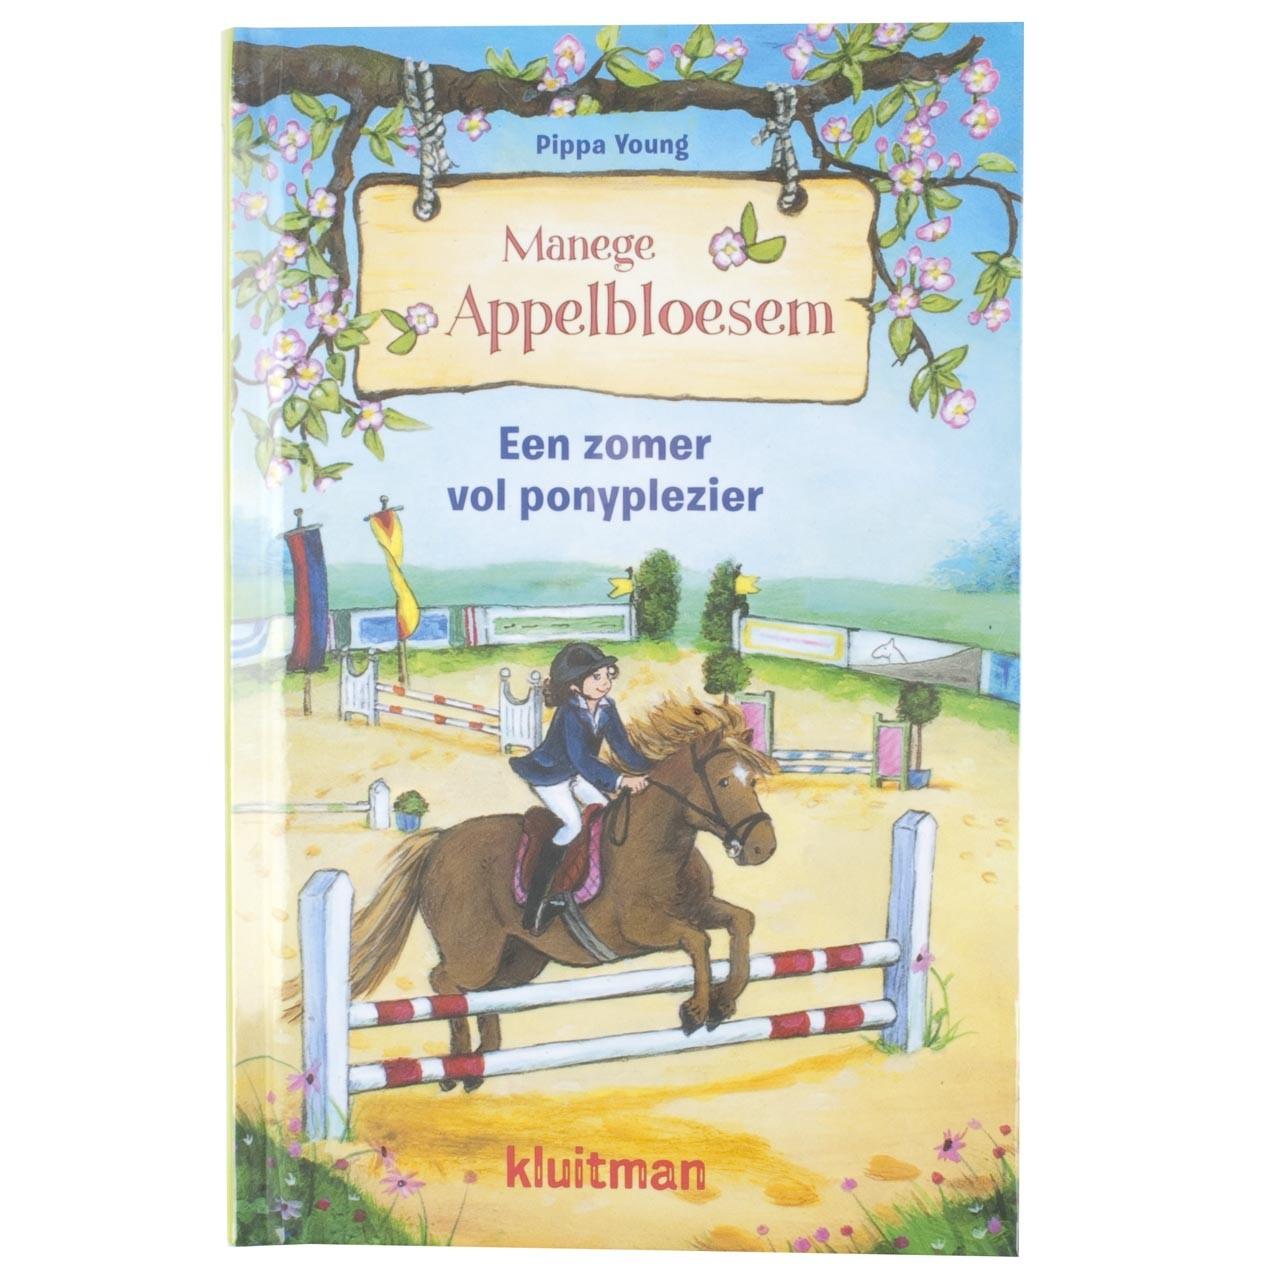 Manege Appelbloesem, een zomer vol ponyplezier